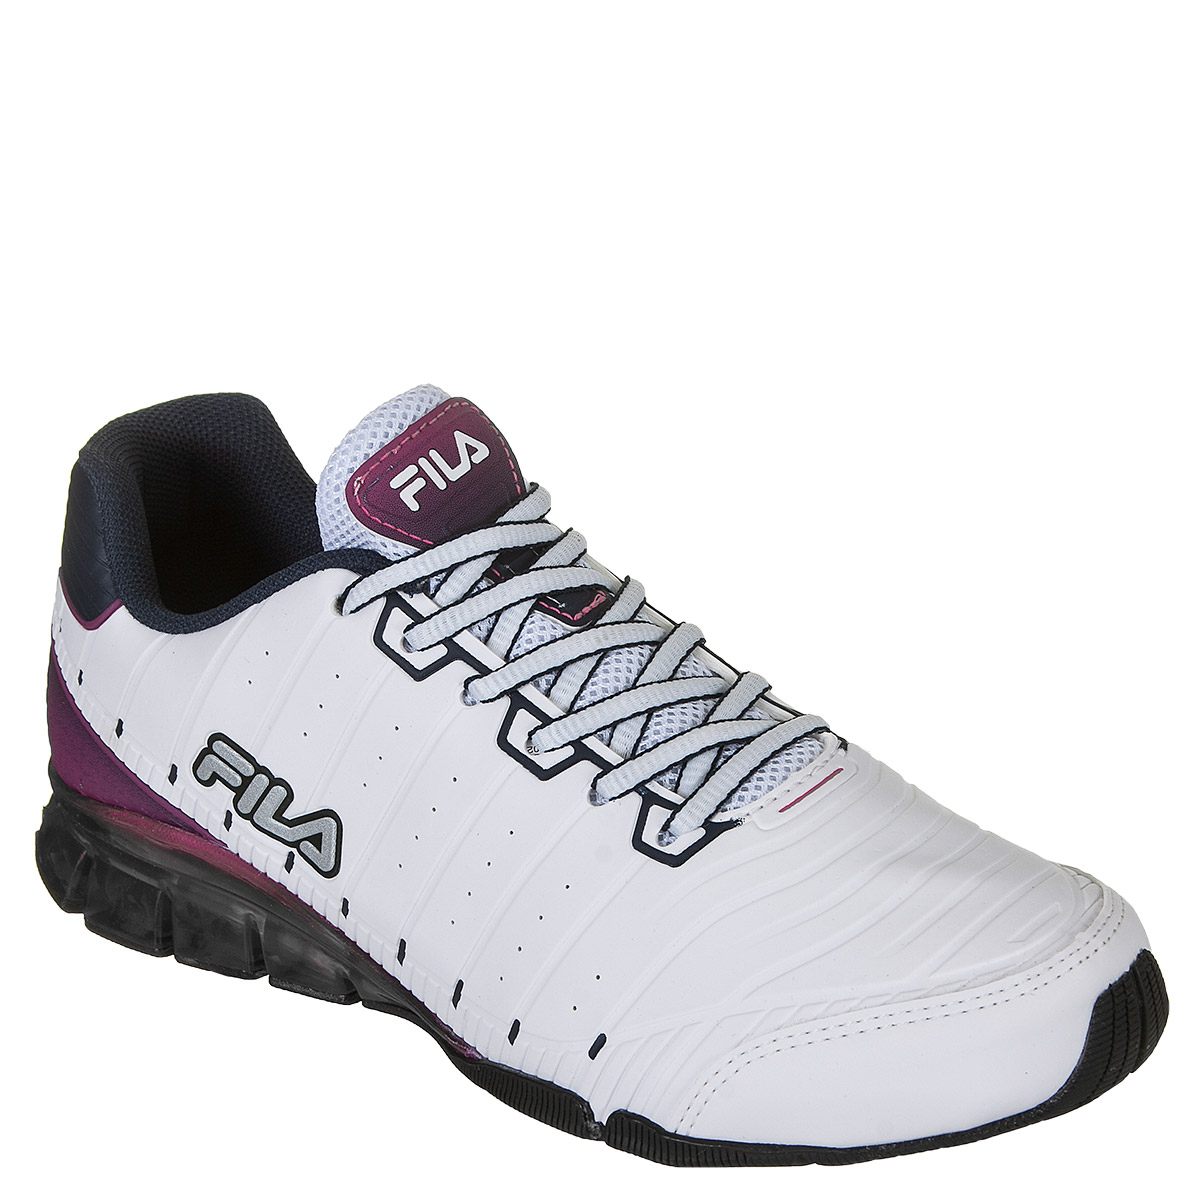 59599416c77 Tênis Fila Sequential Feminino - Branco Rosa